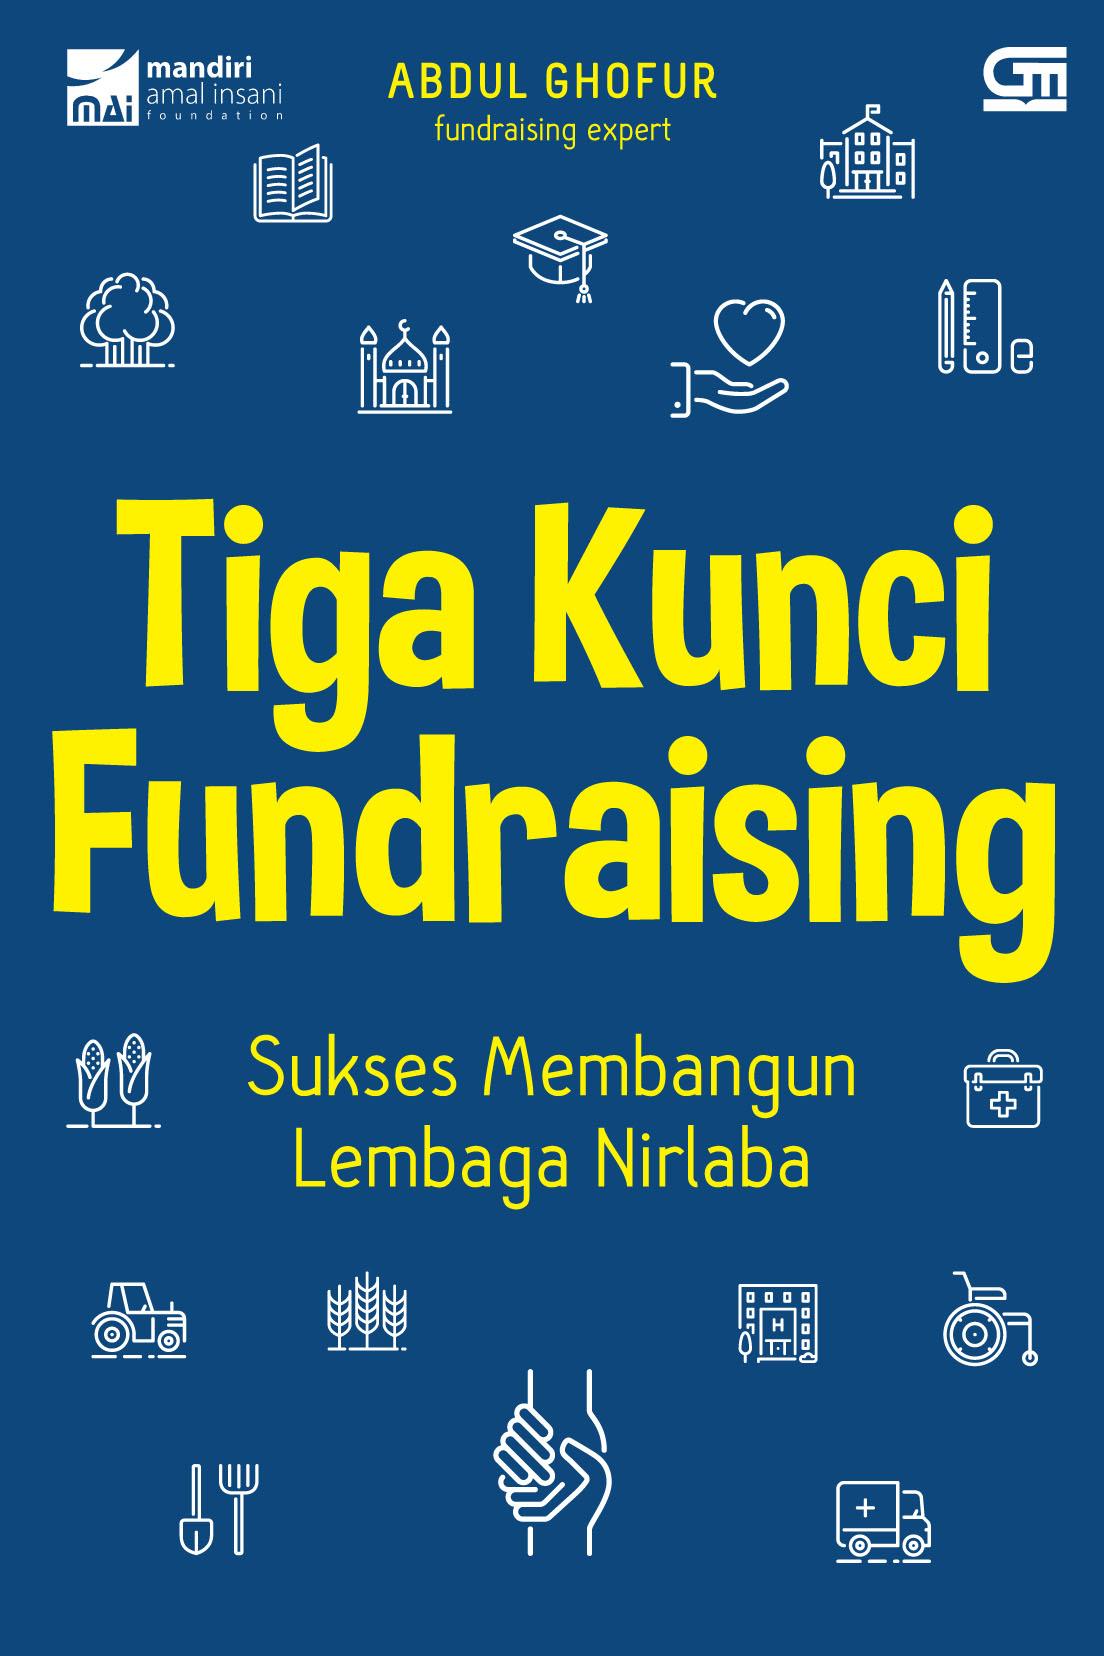 Tiga Kunci Fundraising